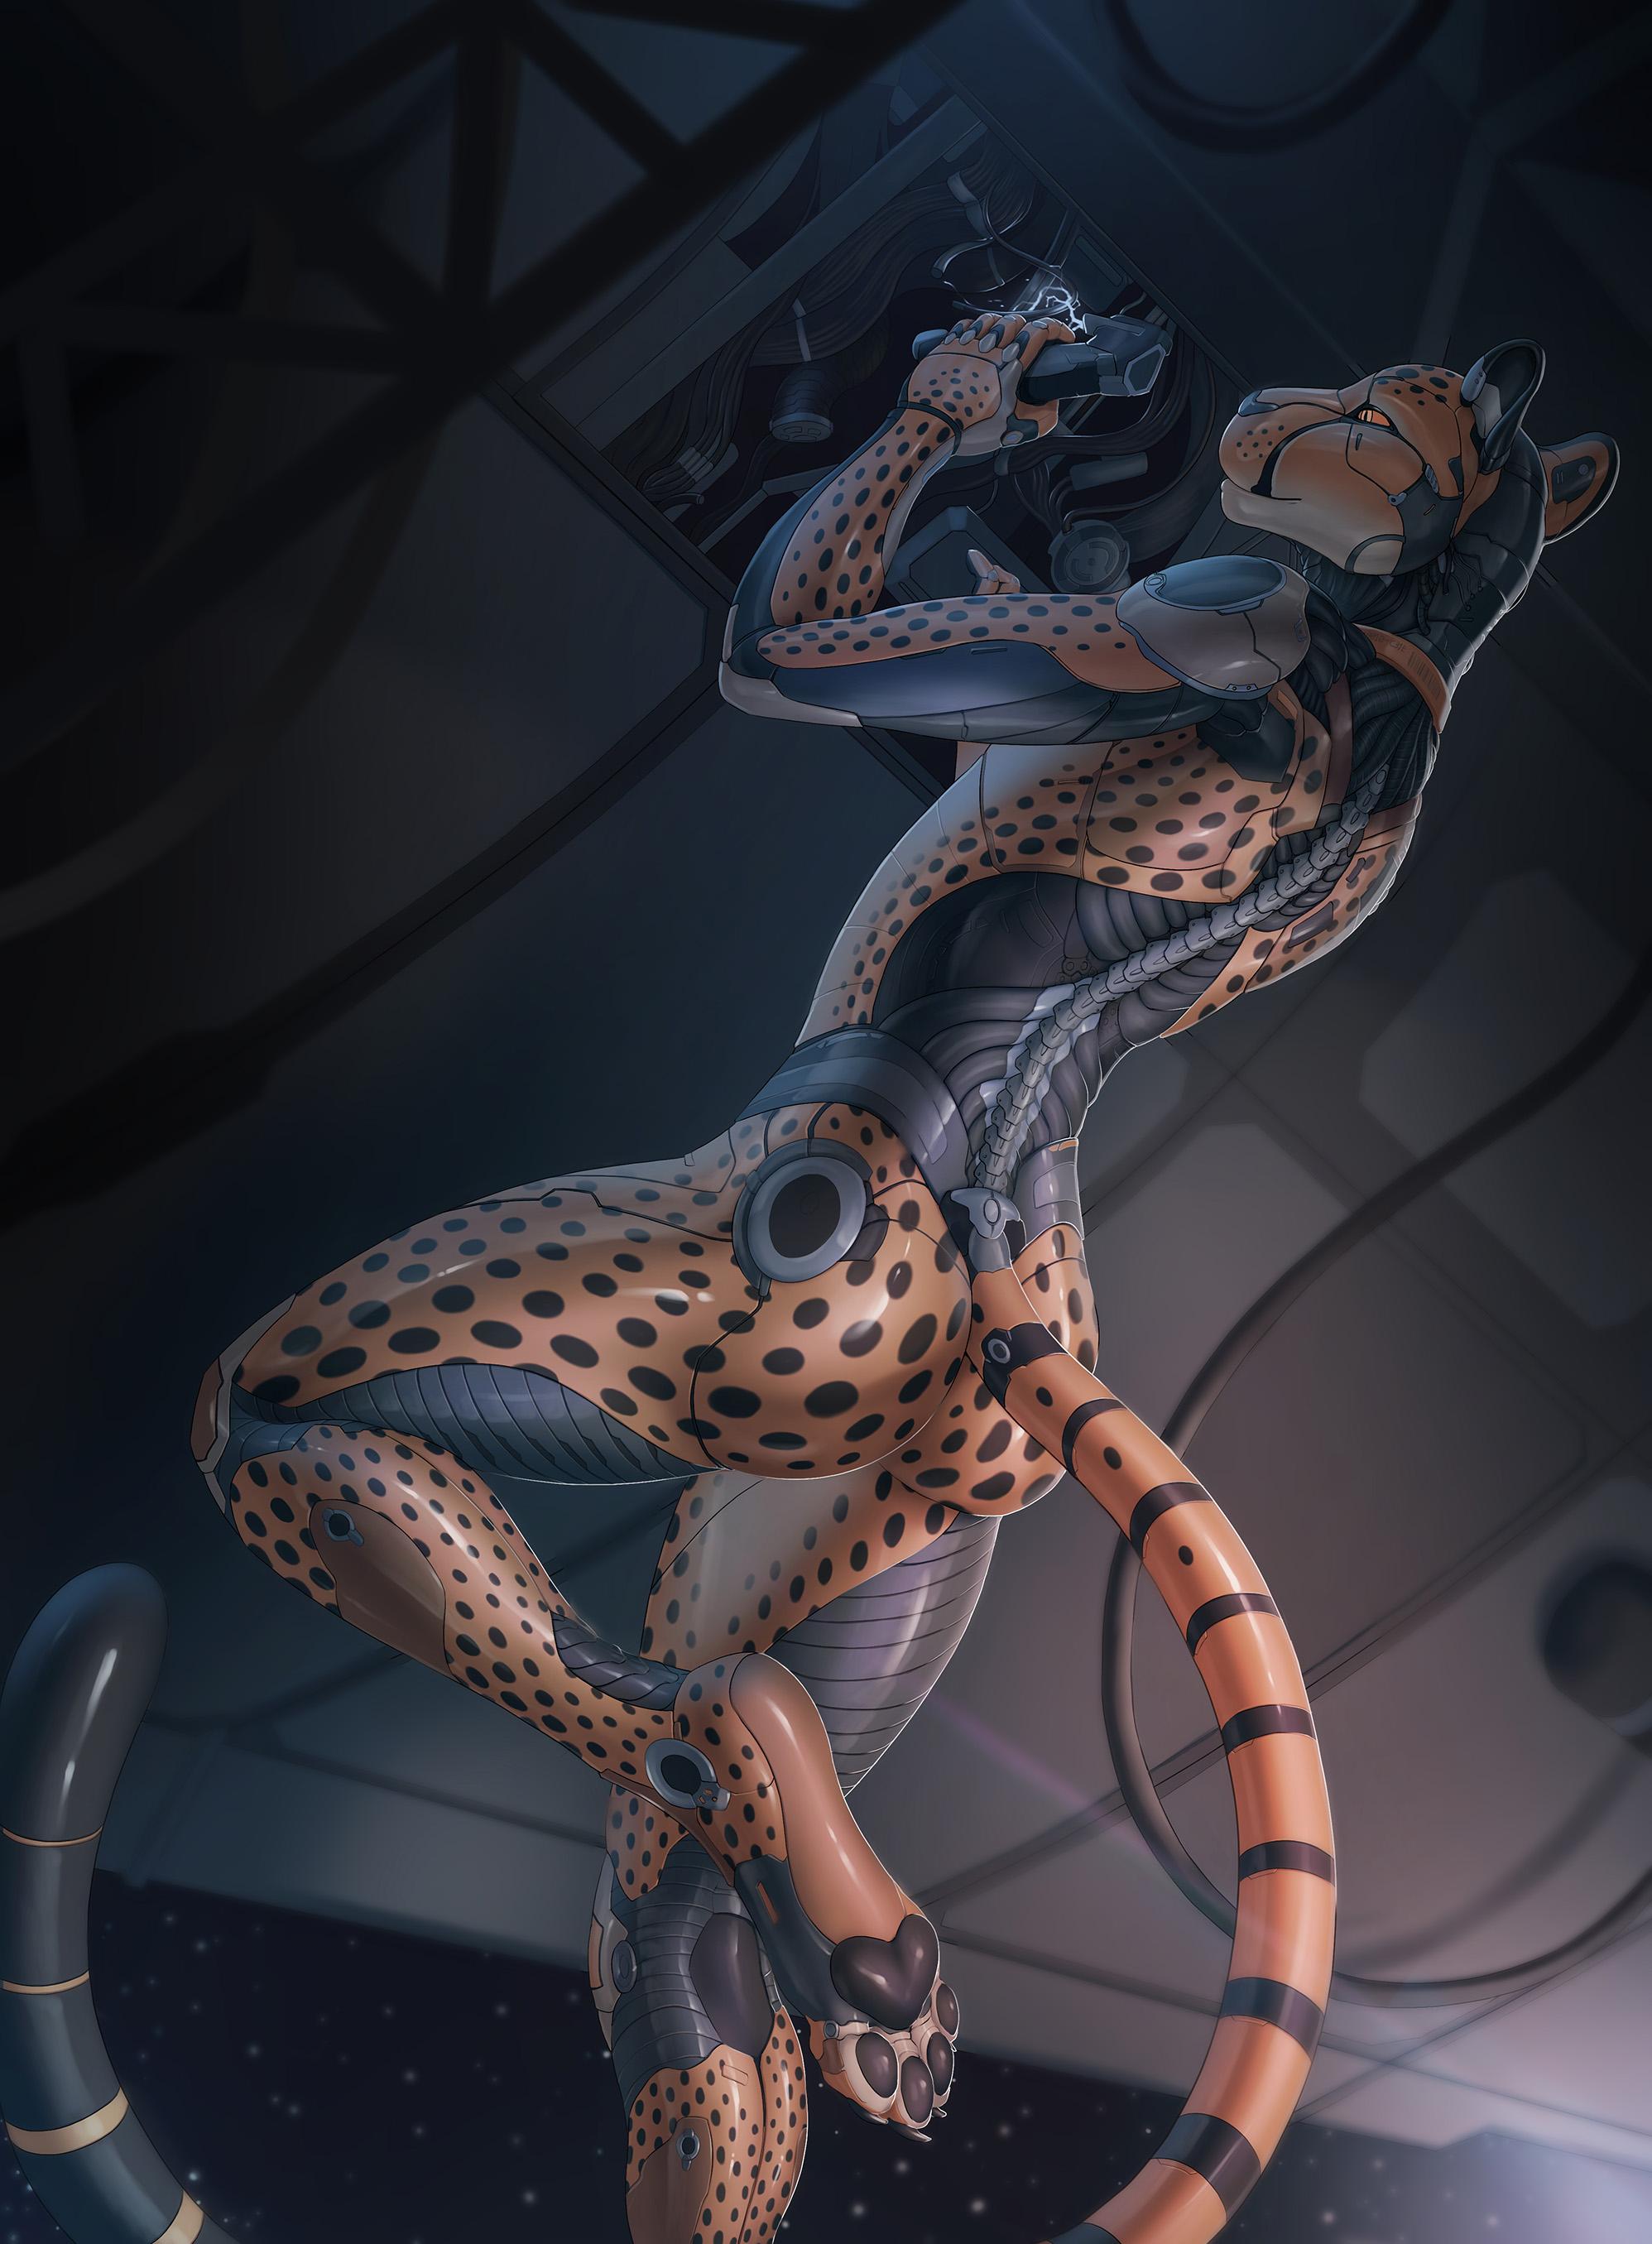 Cheetah Mechanical Frame by Tanraak — Weasyl